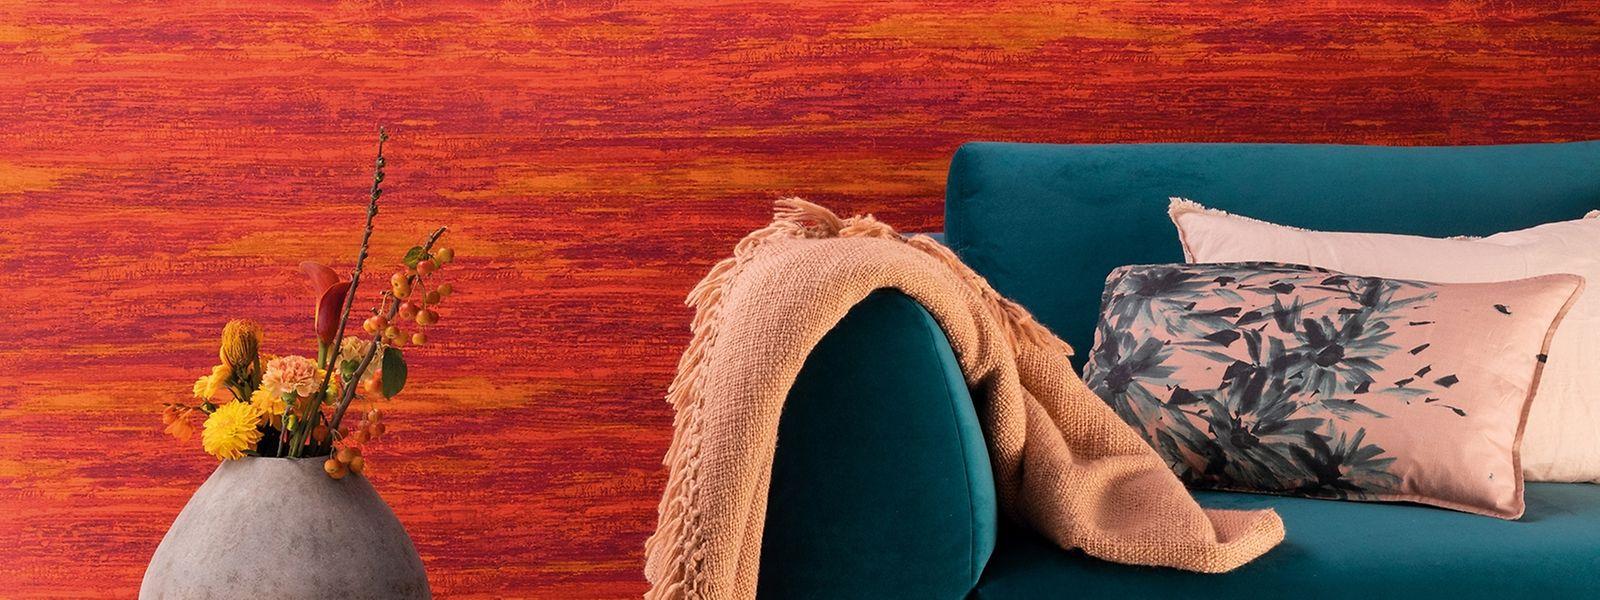 Farben in warmen Tönen, die an einen Gewürzbasar erinnern, schaffen eine gemütliche Atmosphäre.